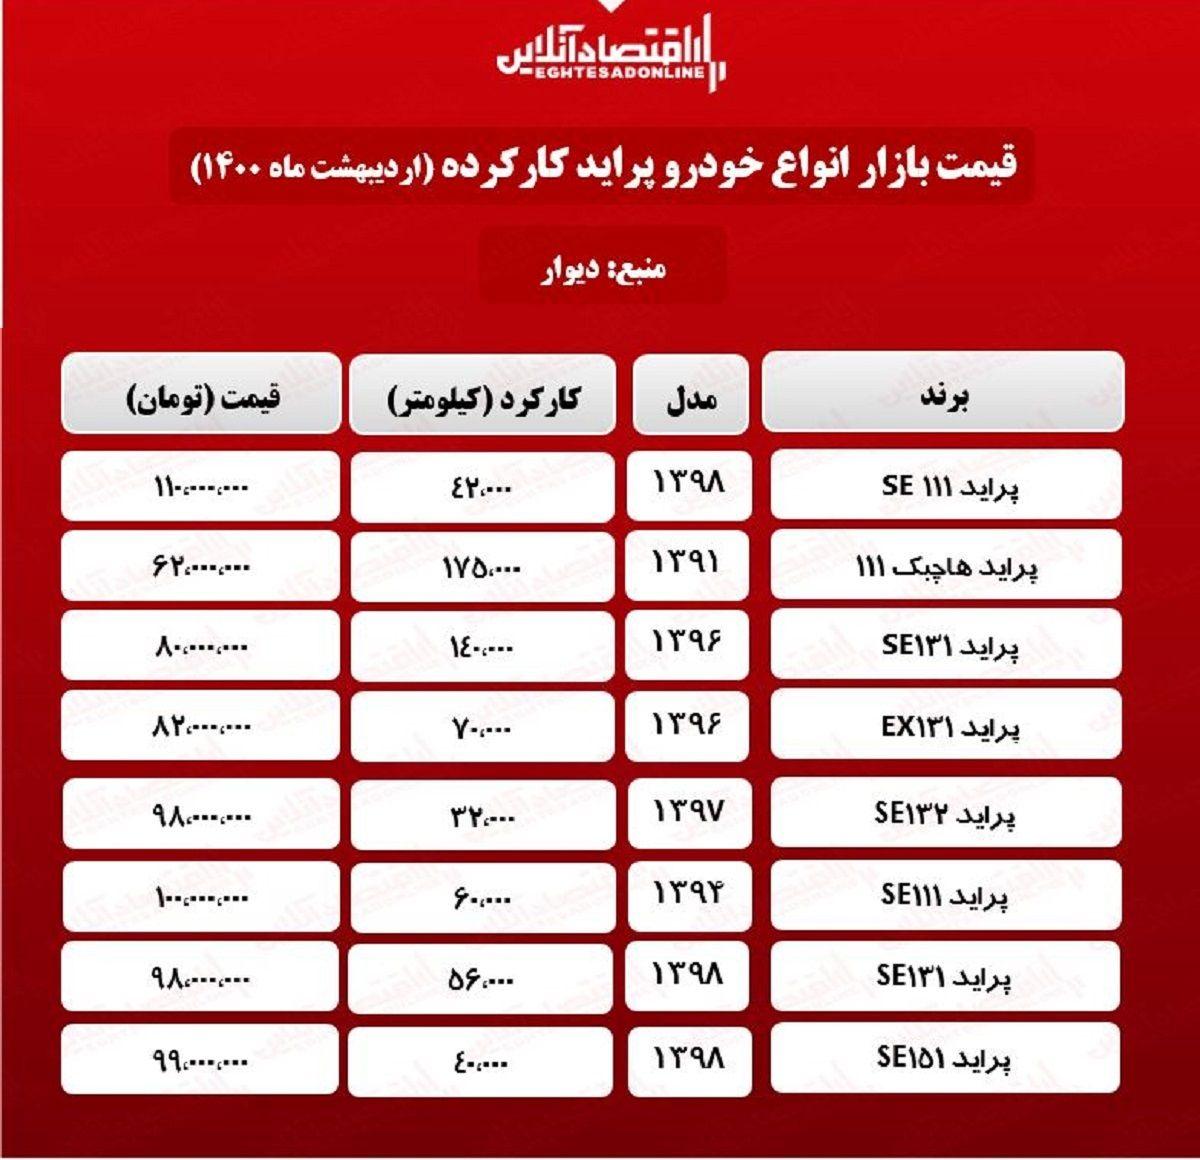 قیمت پراید کارکرده امروز ۱۴۰۰/۲/۱